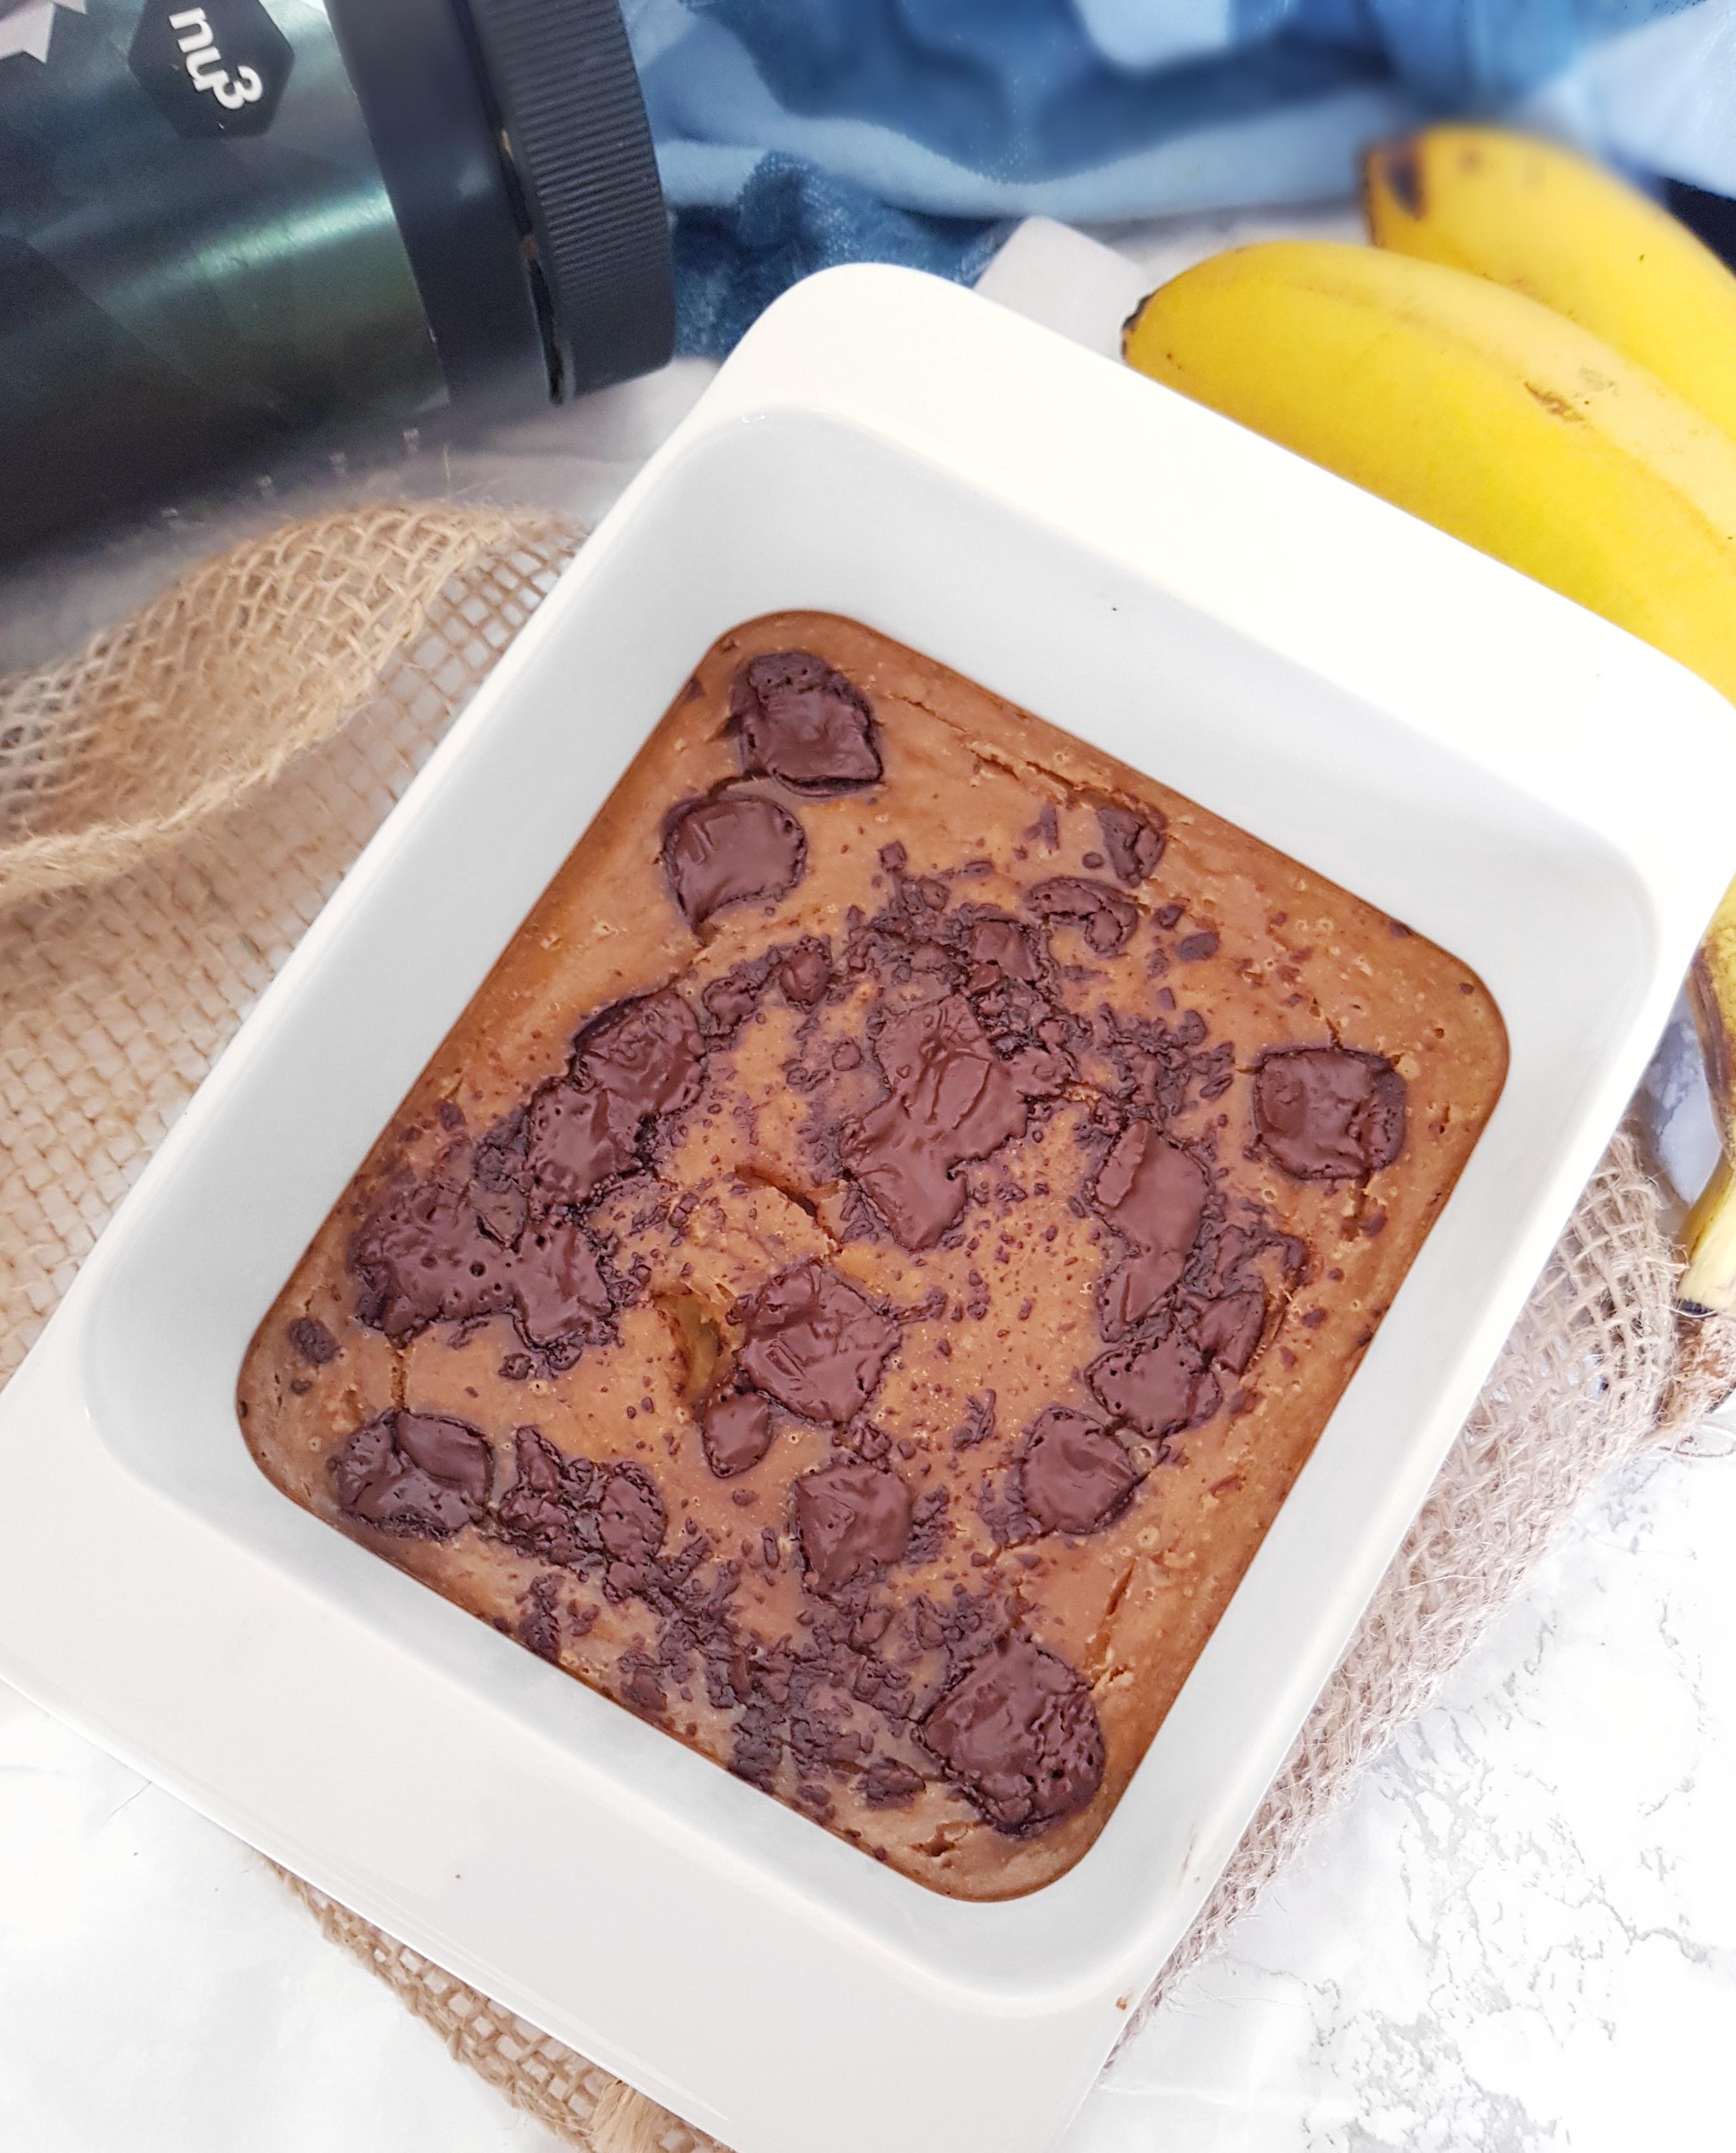 Flan à la Banane Vegan et Protéiné : Recette Facile de mail0ves - Mailo Fait Maison - MAIL0VES ...